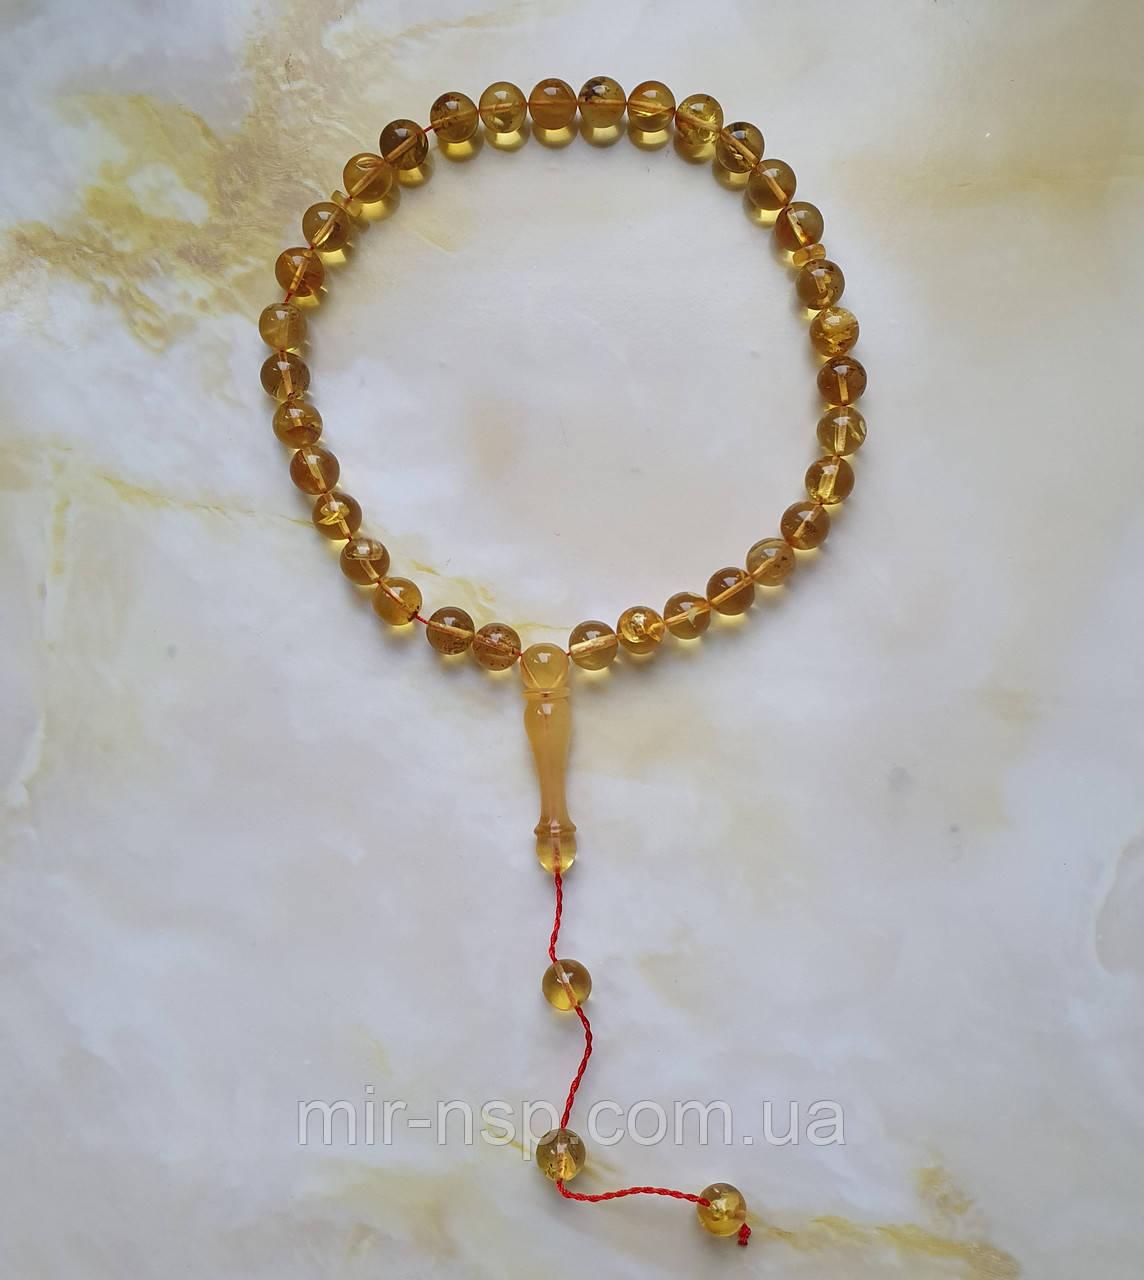 Четки 33 бусины 100% натуральный янтарь (не пресс, не плавка) шар 9 мм вес 13г